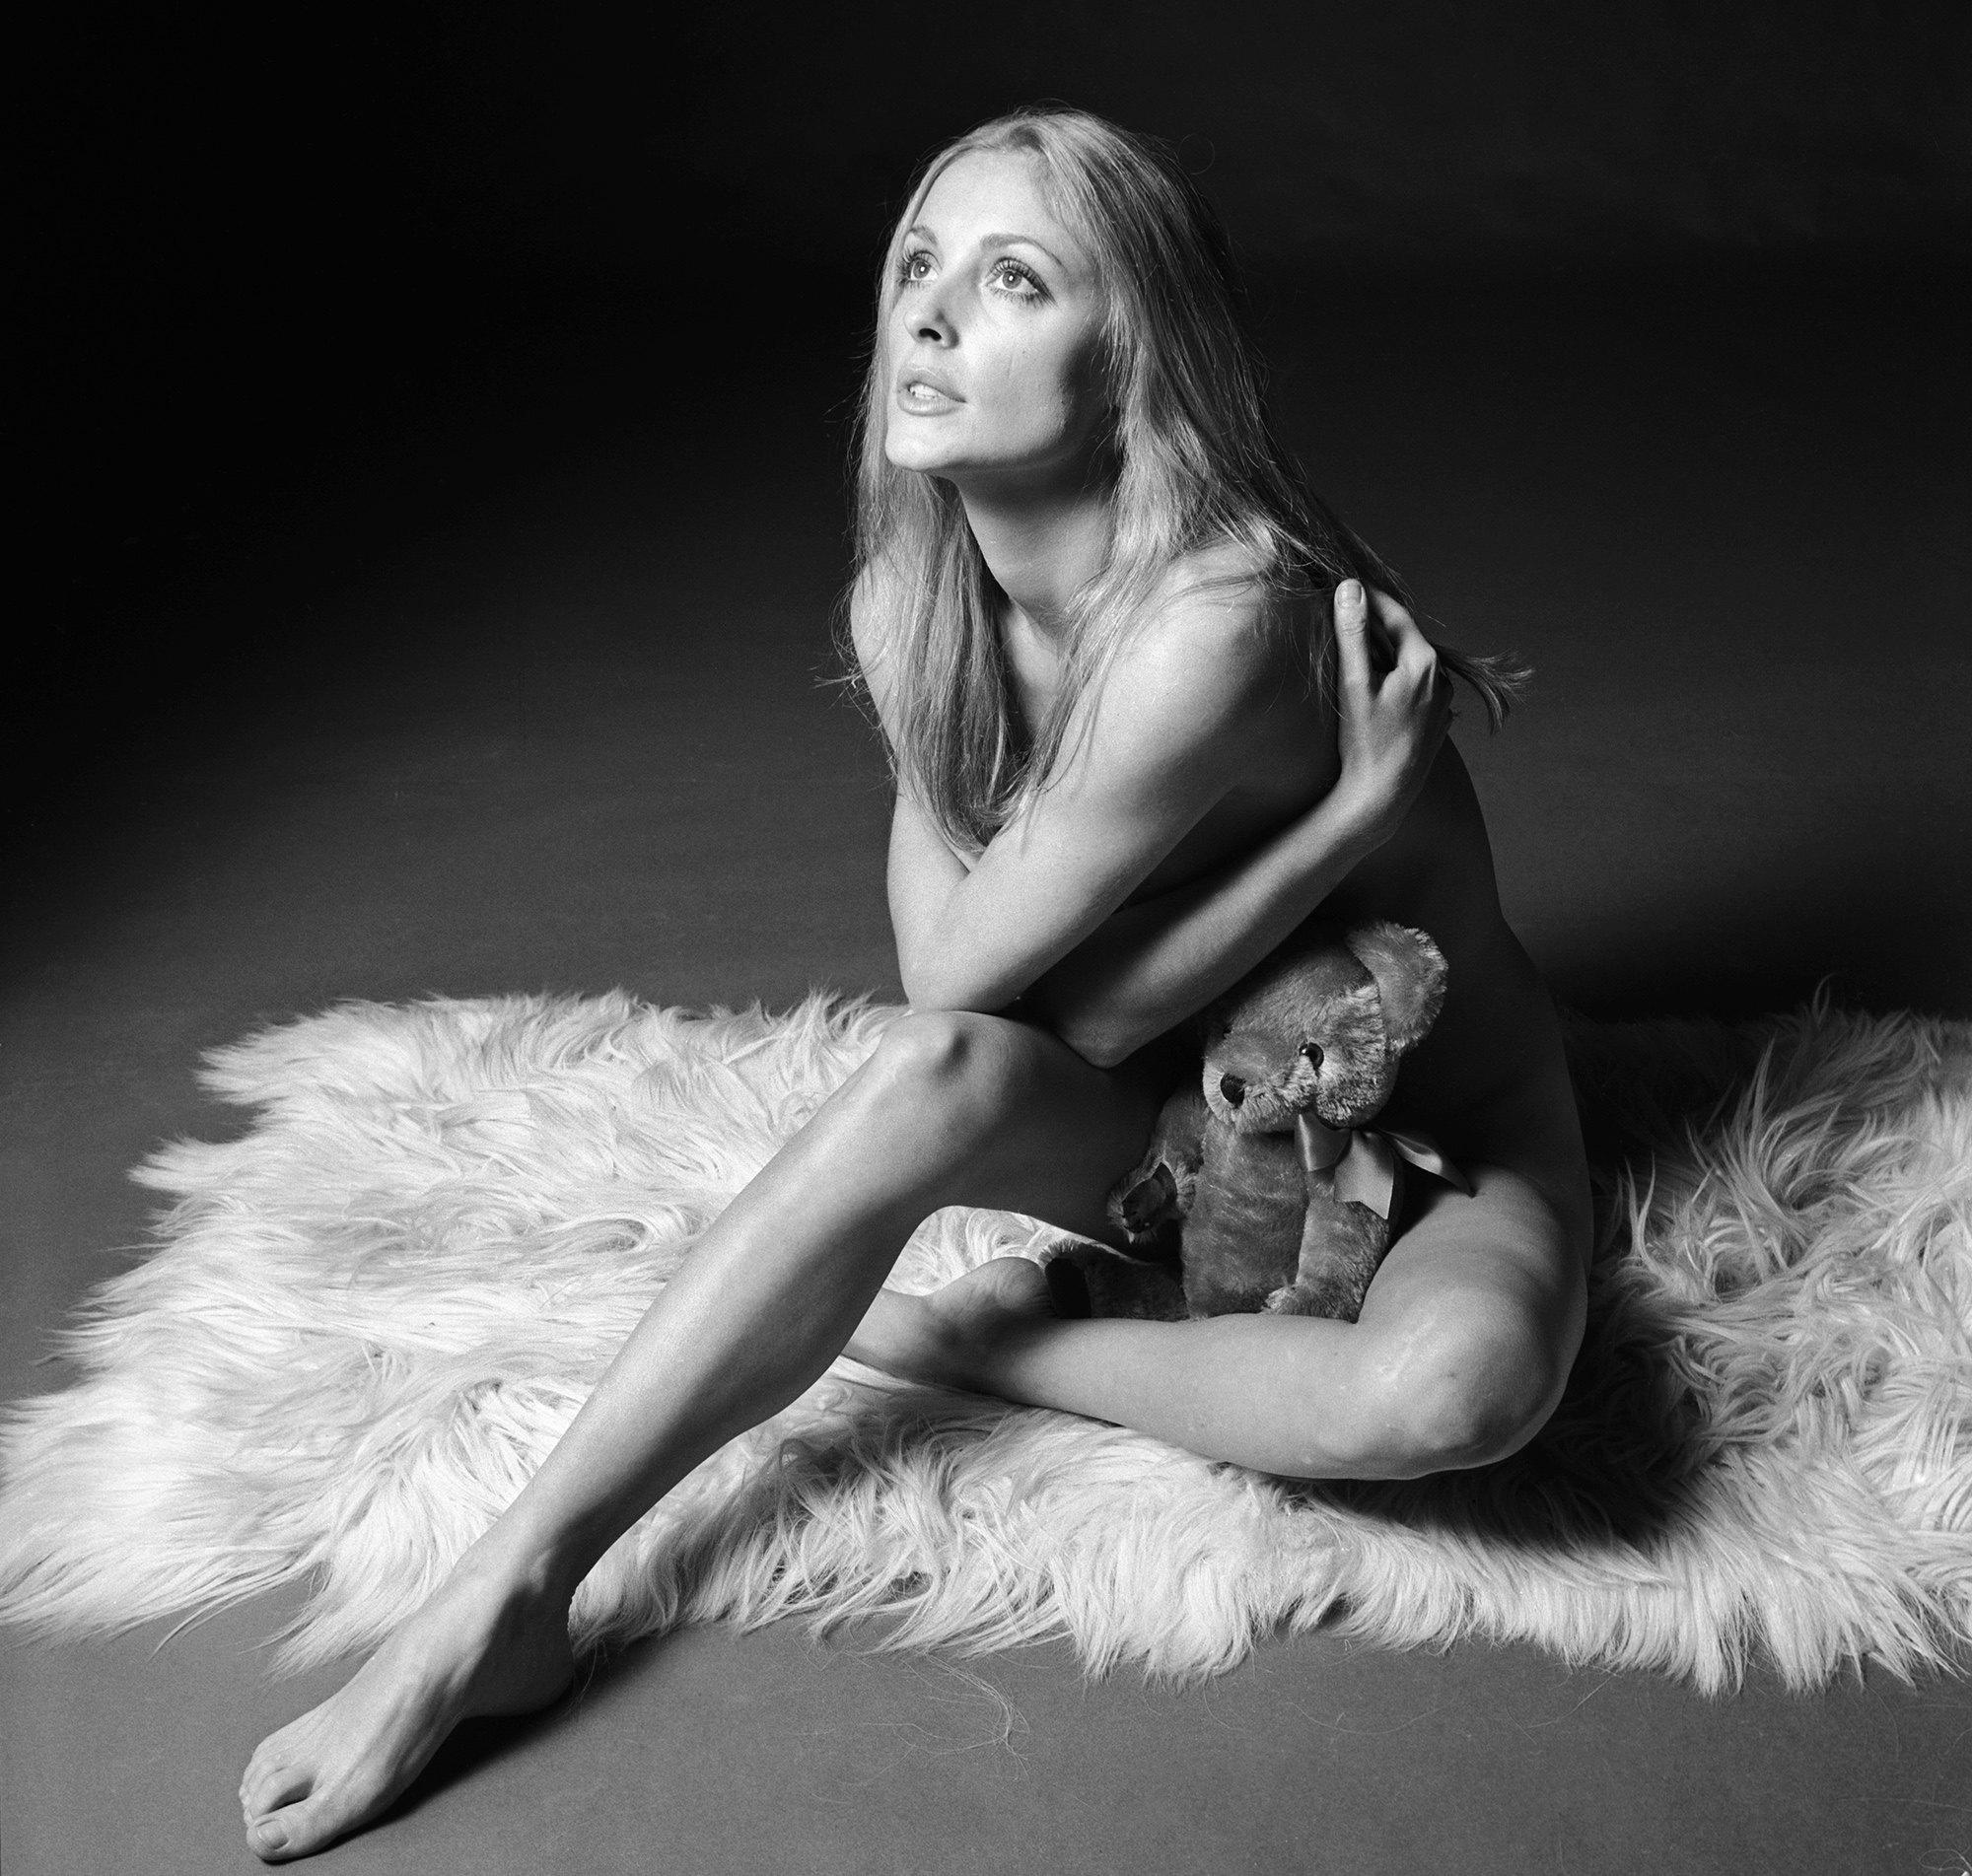 Обнаженная Шерон Тейт позирует фотографу Терри О'Нилу, 1969.